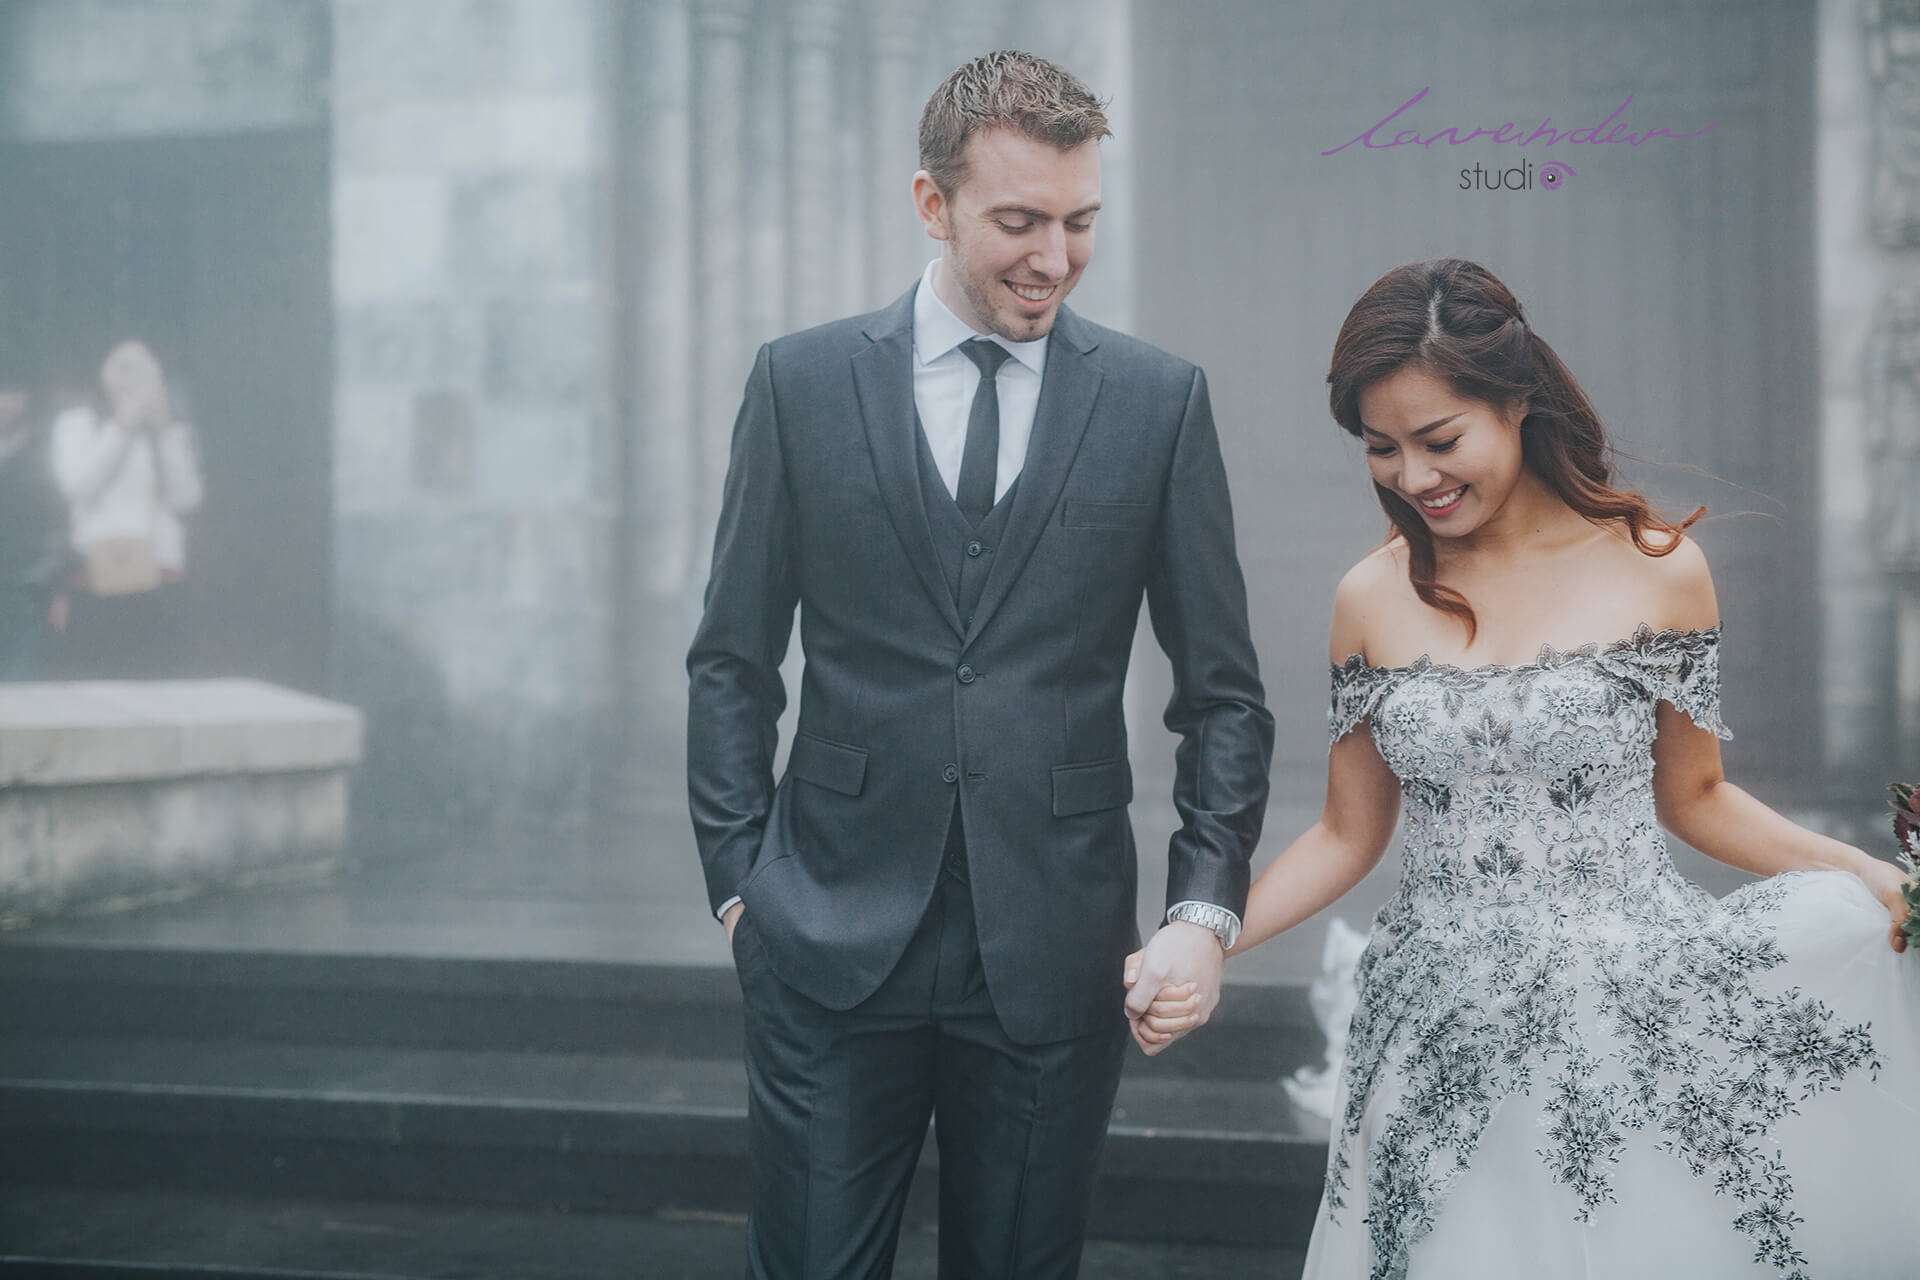 Phim trường chụp hình cưới tại Đà Nẵng lavender studio